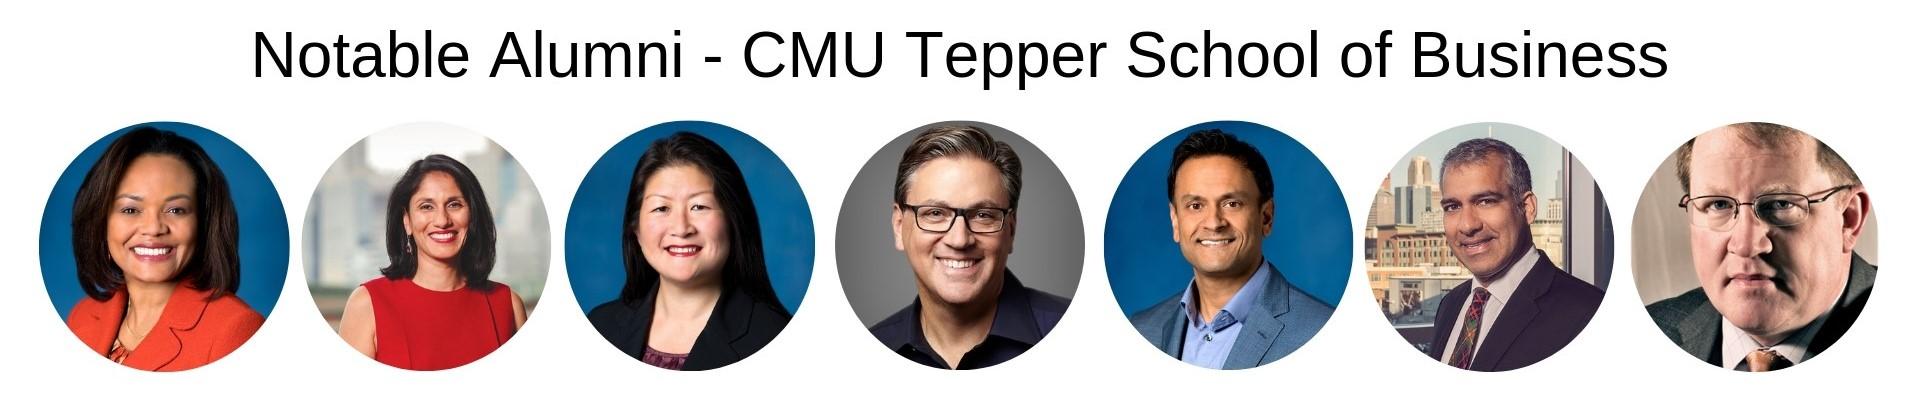 CMU Tepper School of Business Alumni